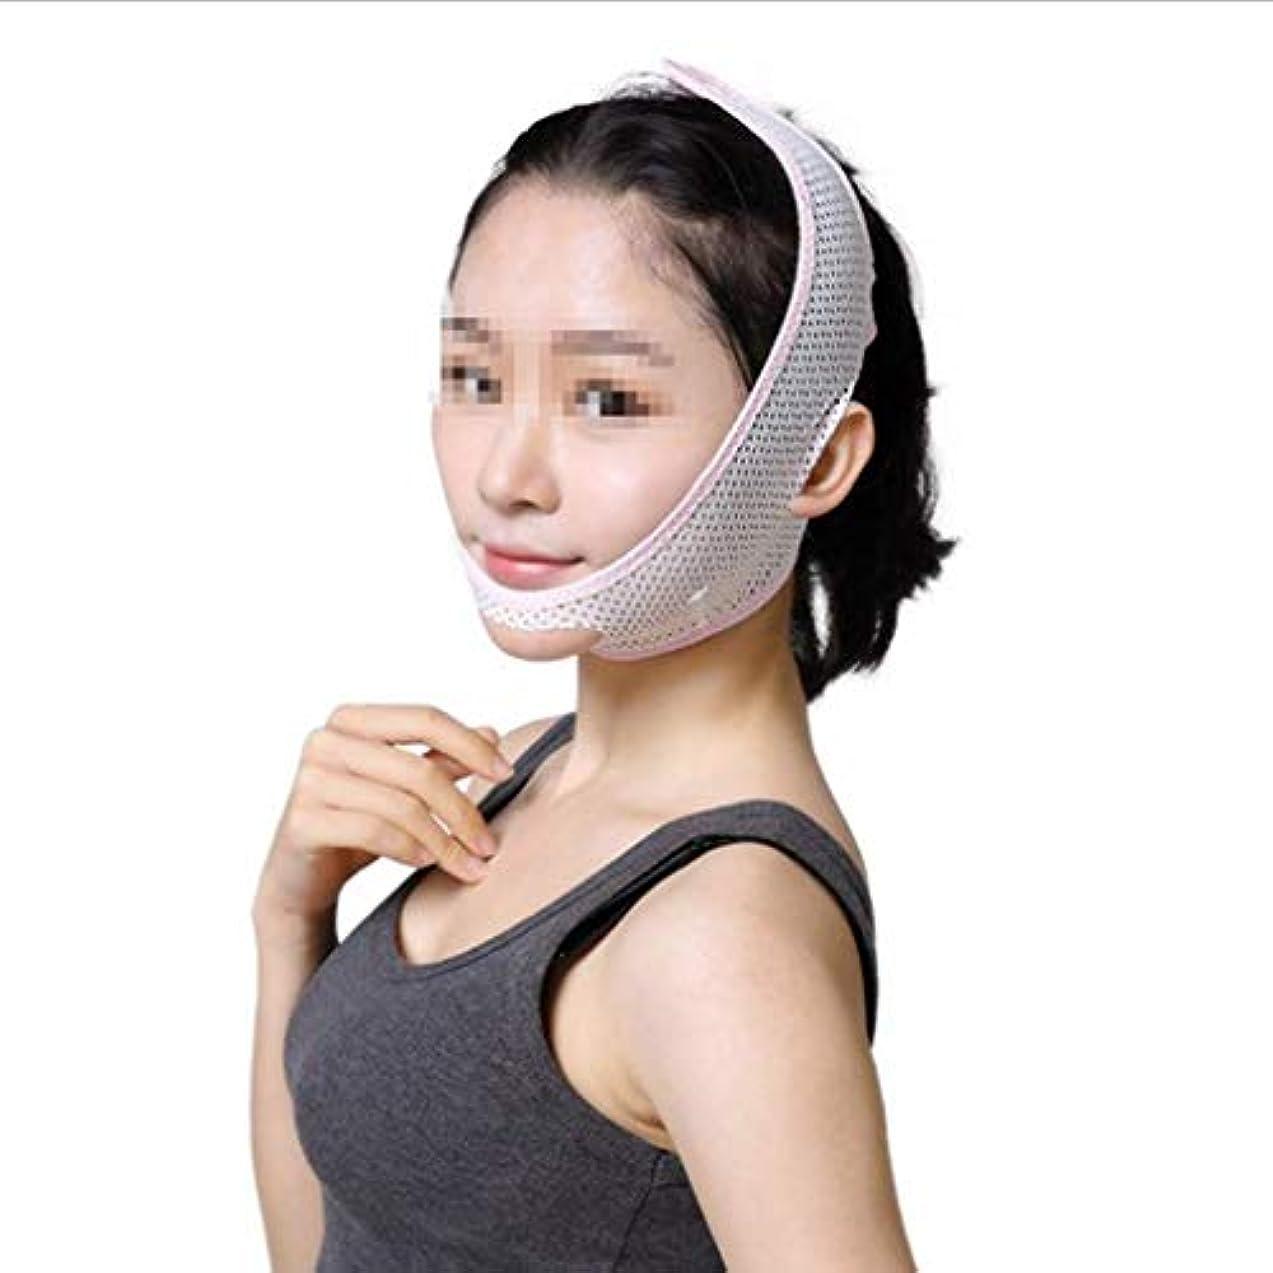 慈悲リース前兆超薄型通気性フェイスマスク、包帯Vフェイスマスクフェイスリフティングファーミングダブルチンシンフェイスベルト(サイズ:M),ザ?